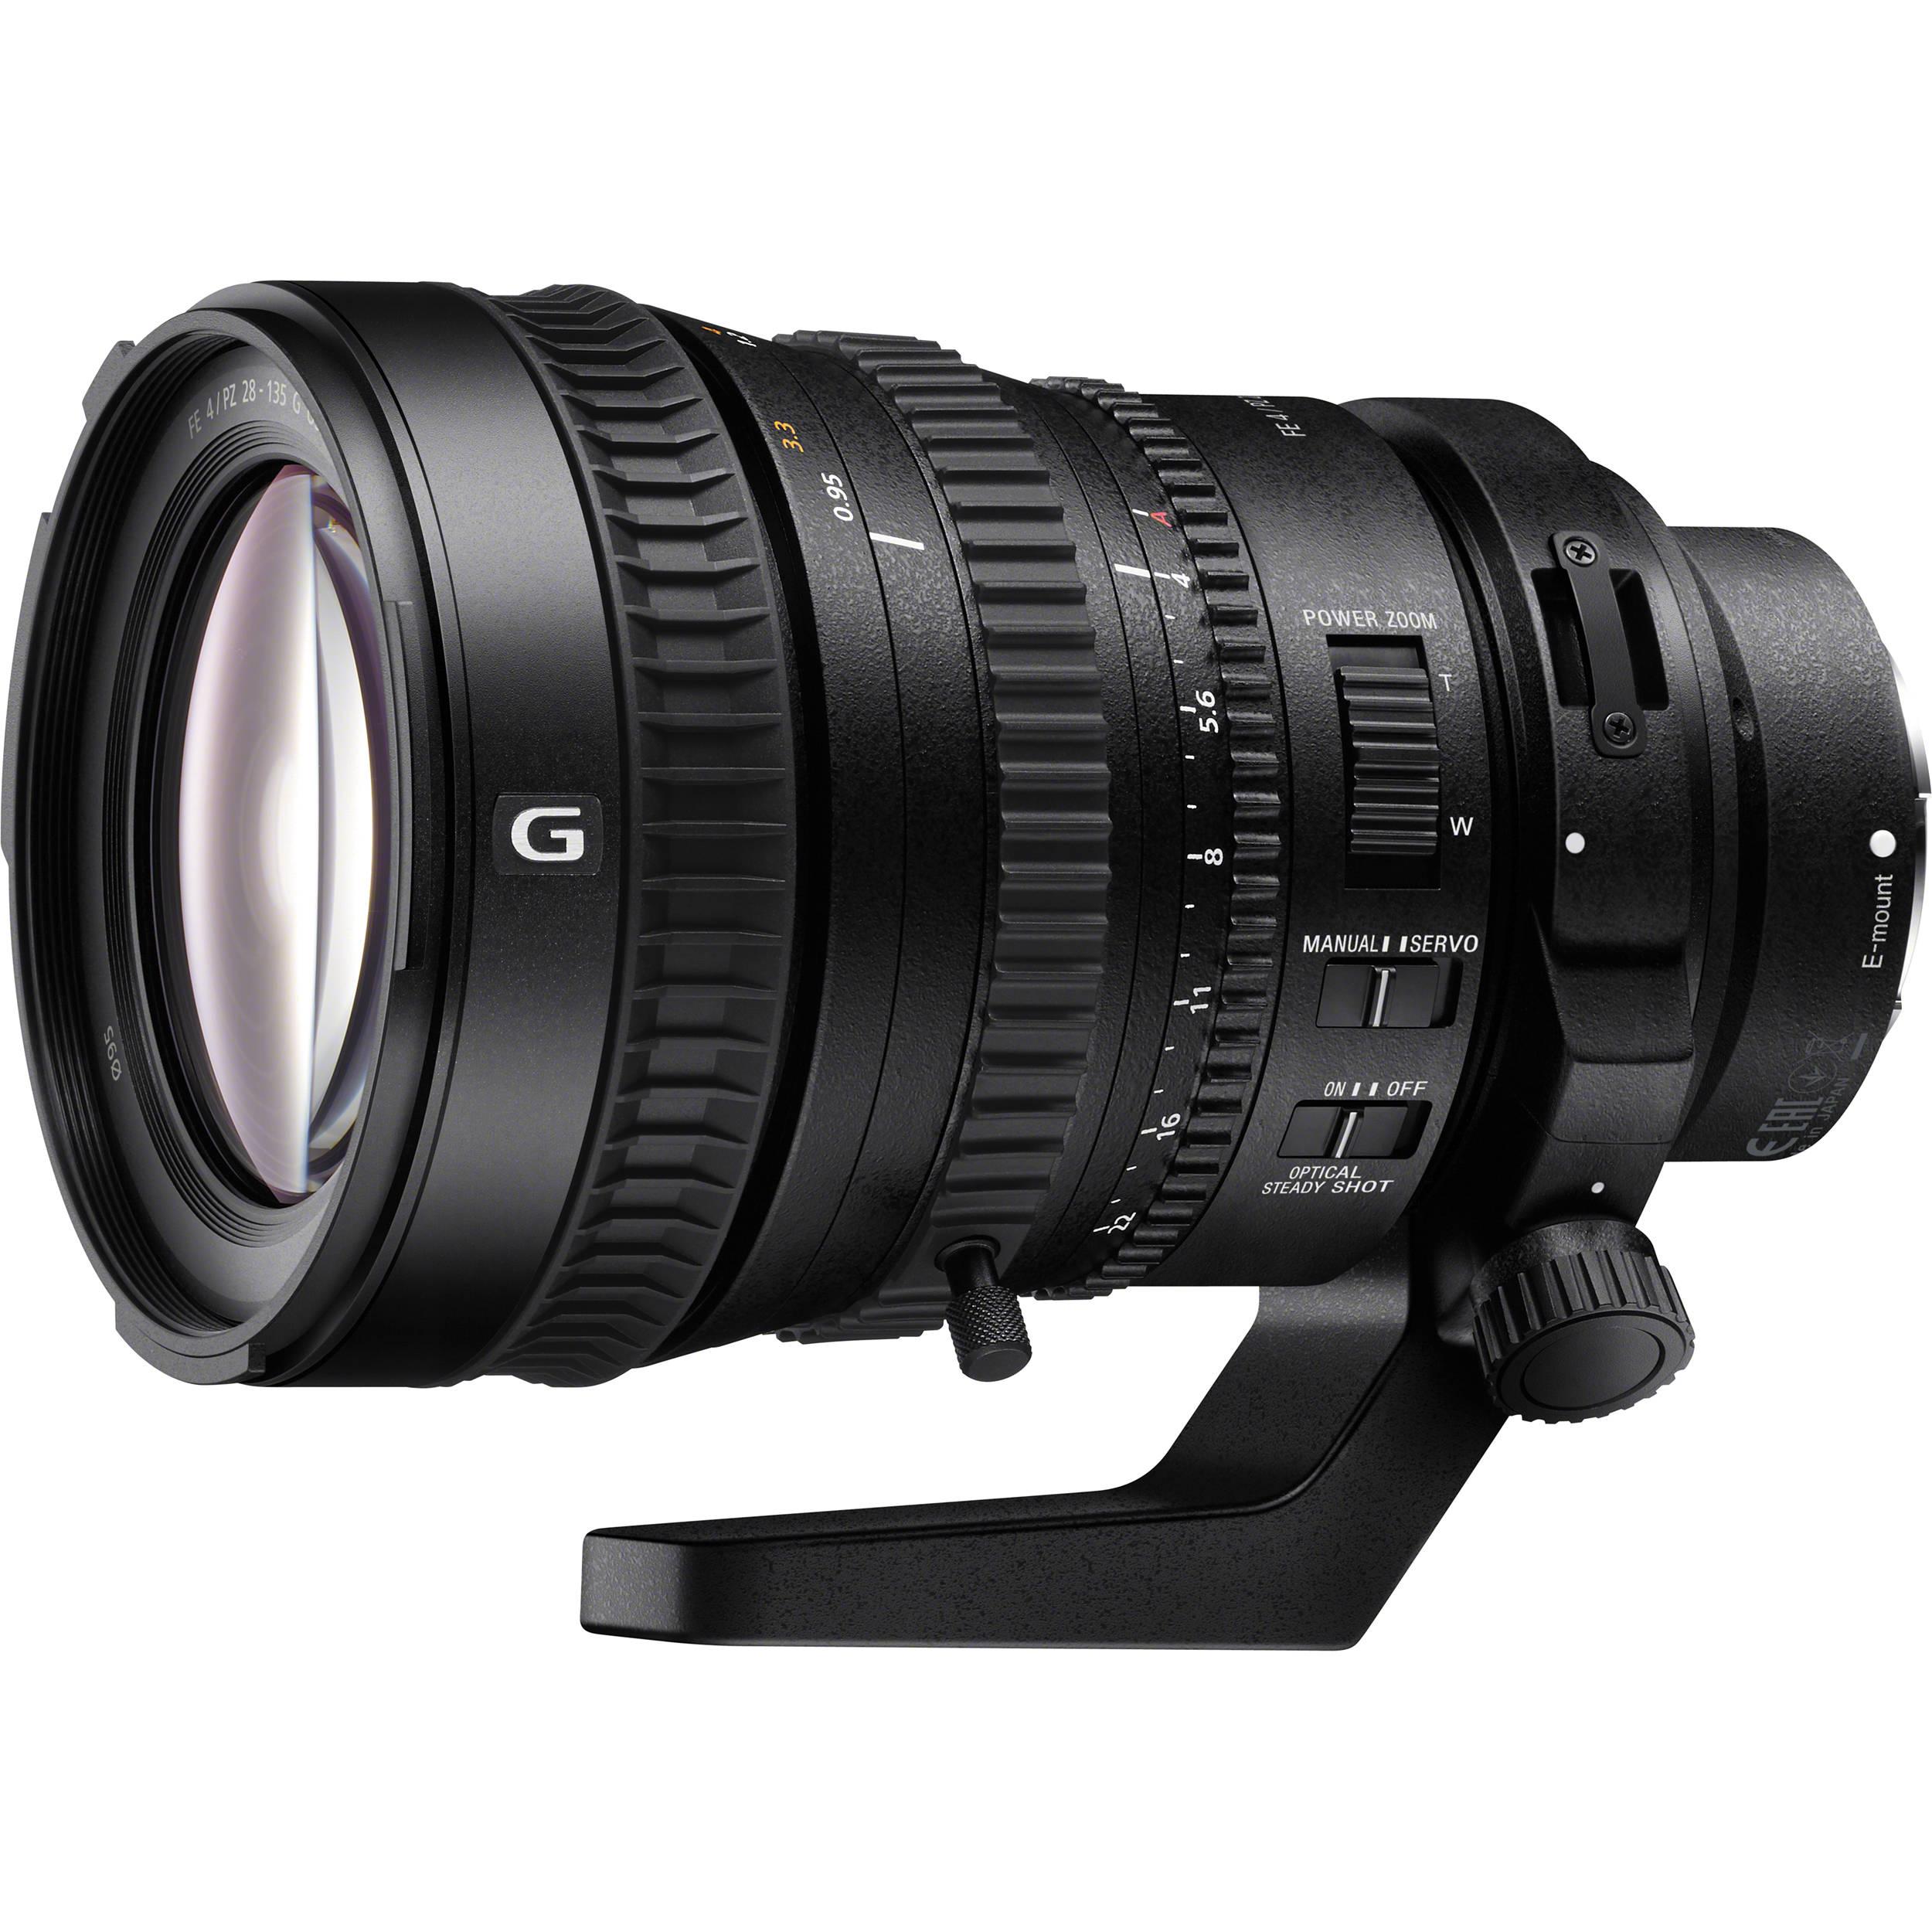 Used Sony 18-105mm F4 G OSS Lens